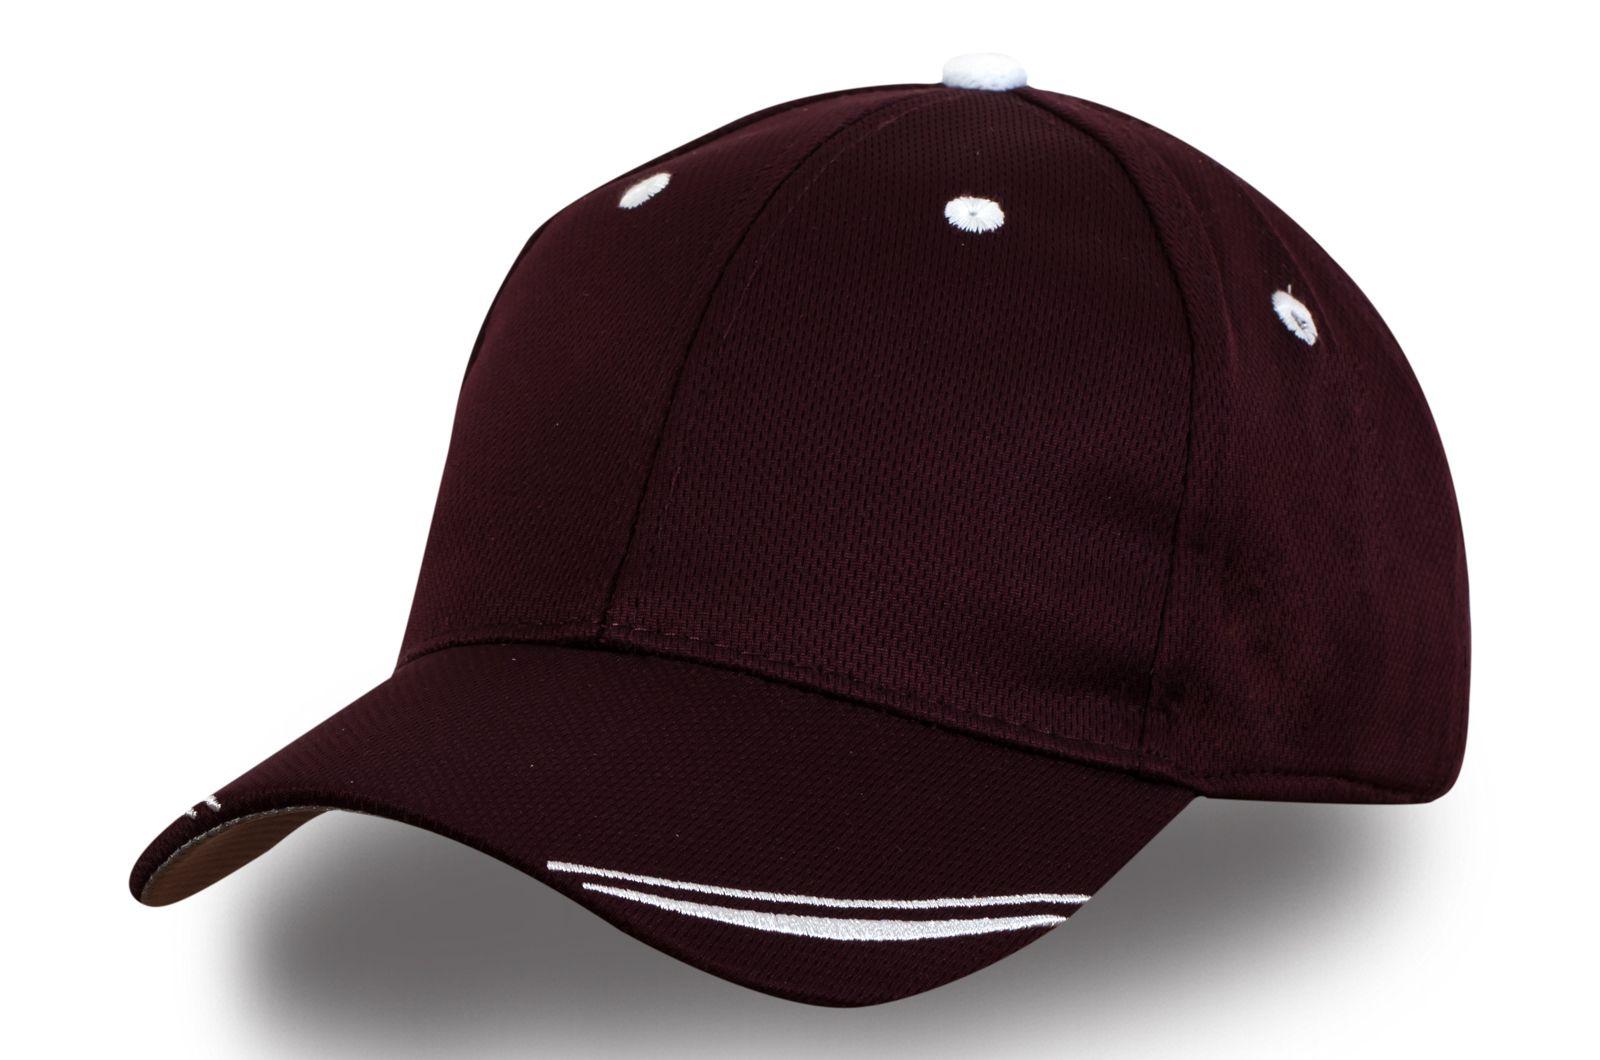 Бордовая бейсболка - купить в интернет-магазине с доставкой